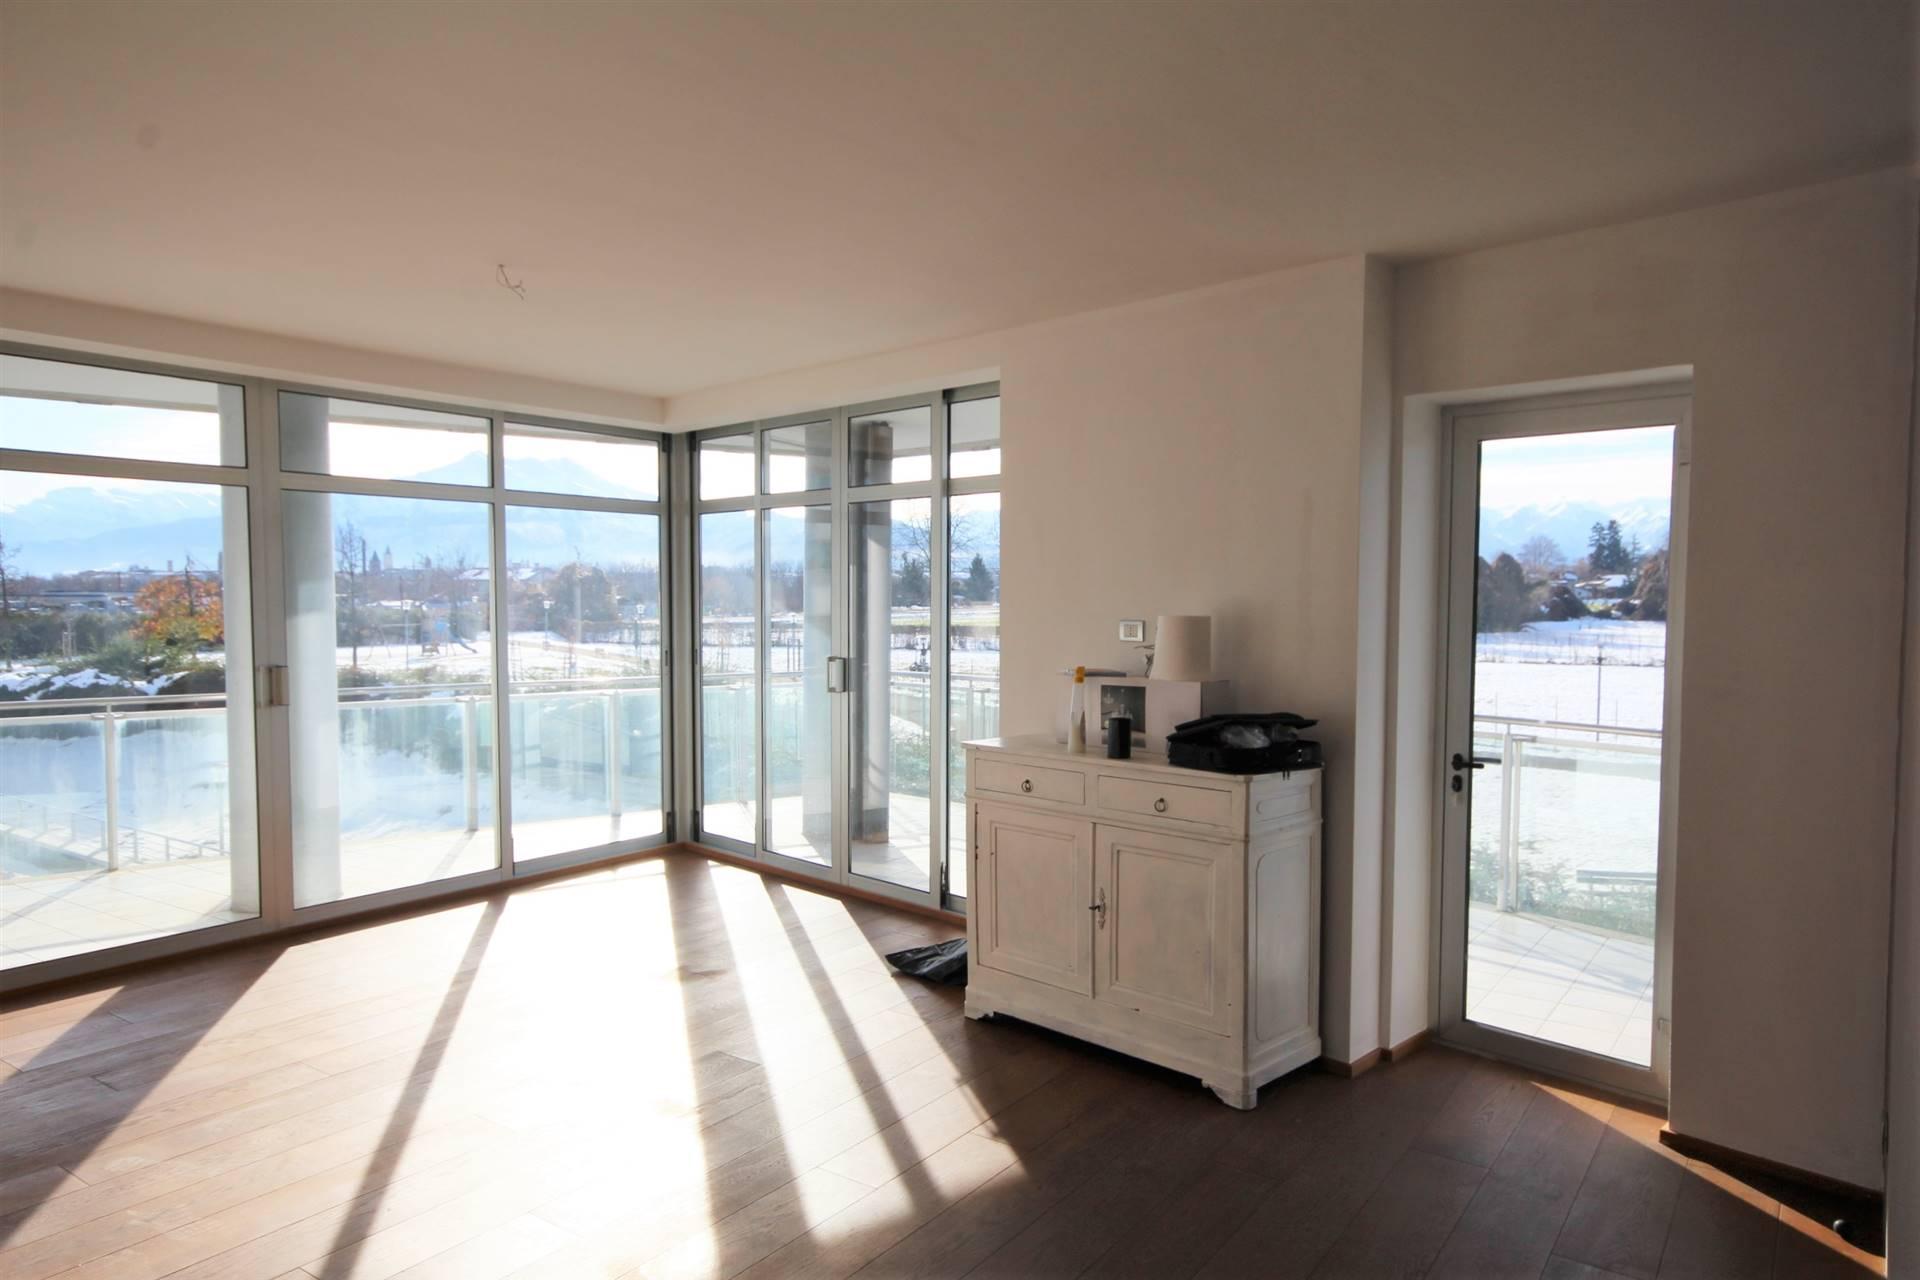 Appartamento in vendita a Cuneo, 4 locali, zona nna dell'Olmo, prezzo € 299.000 | PortaleAgenzieImmobiliari.it